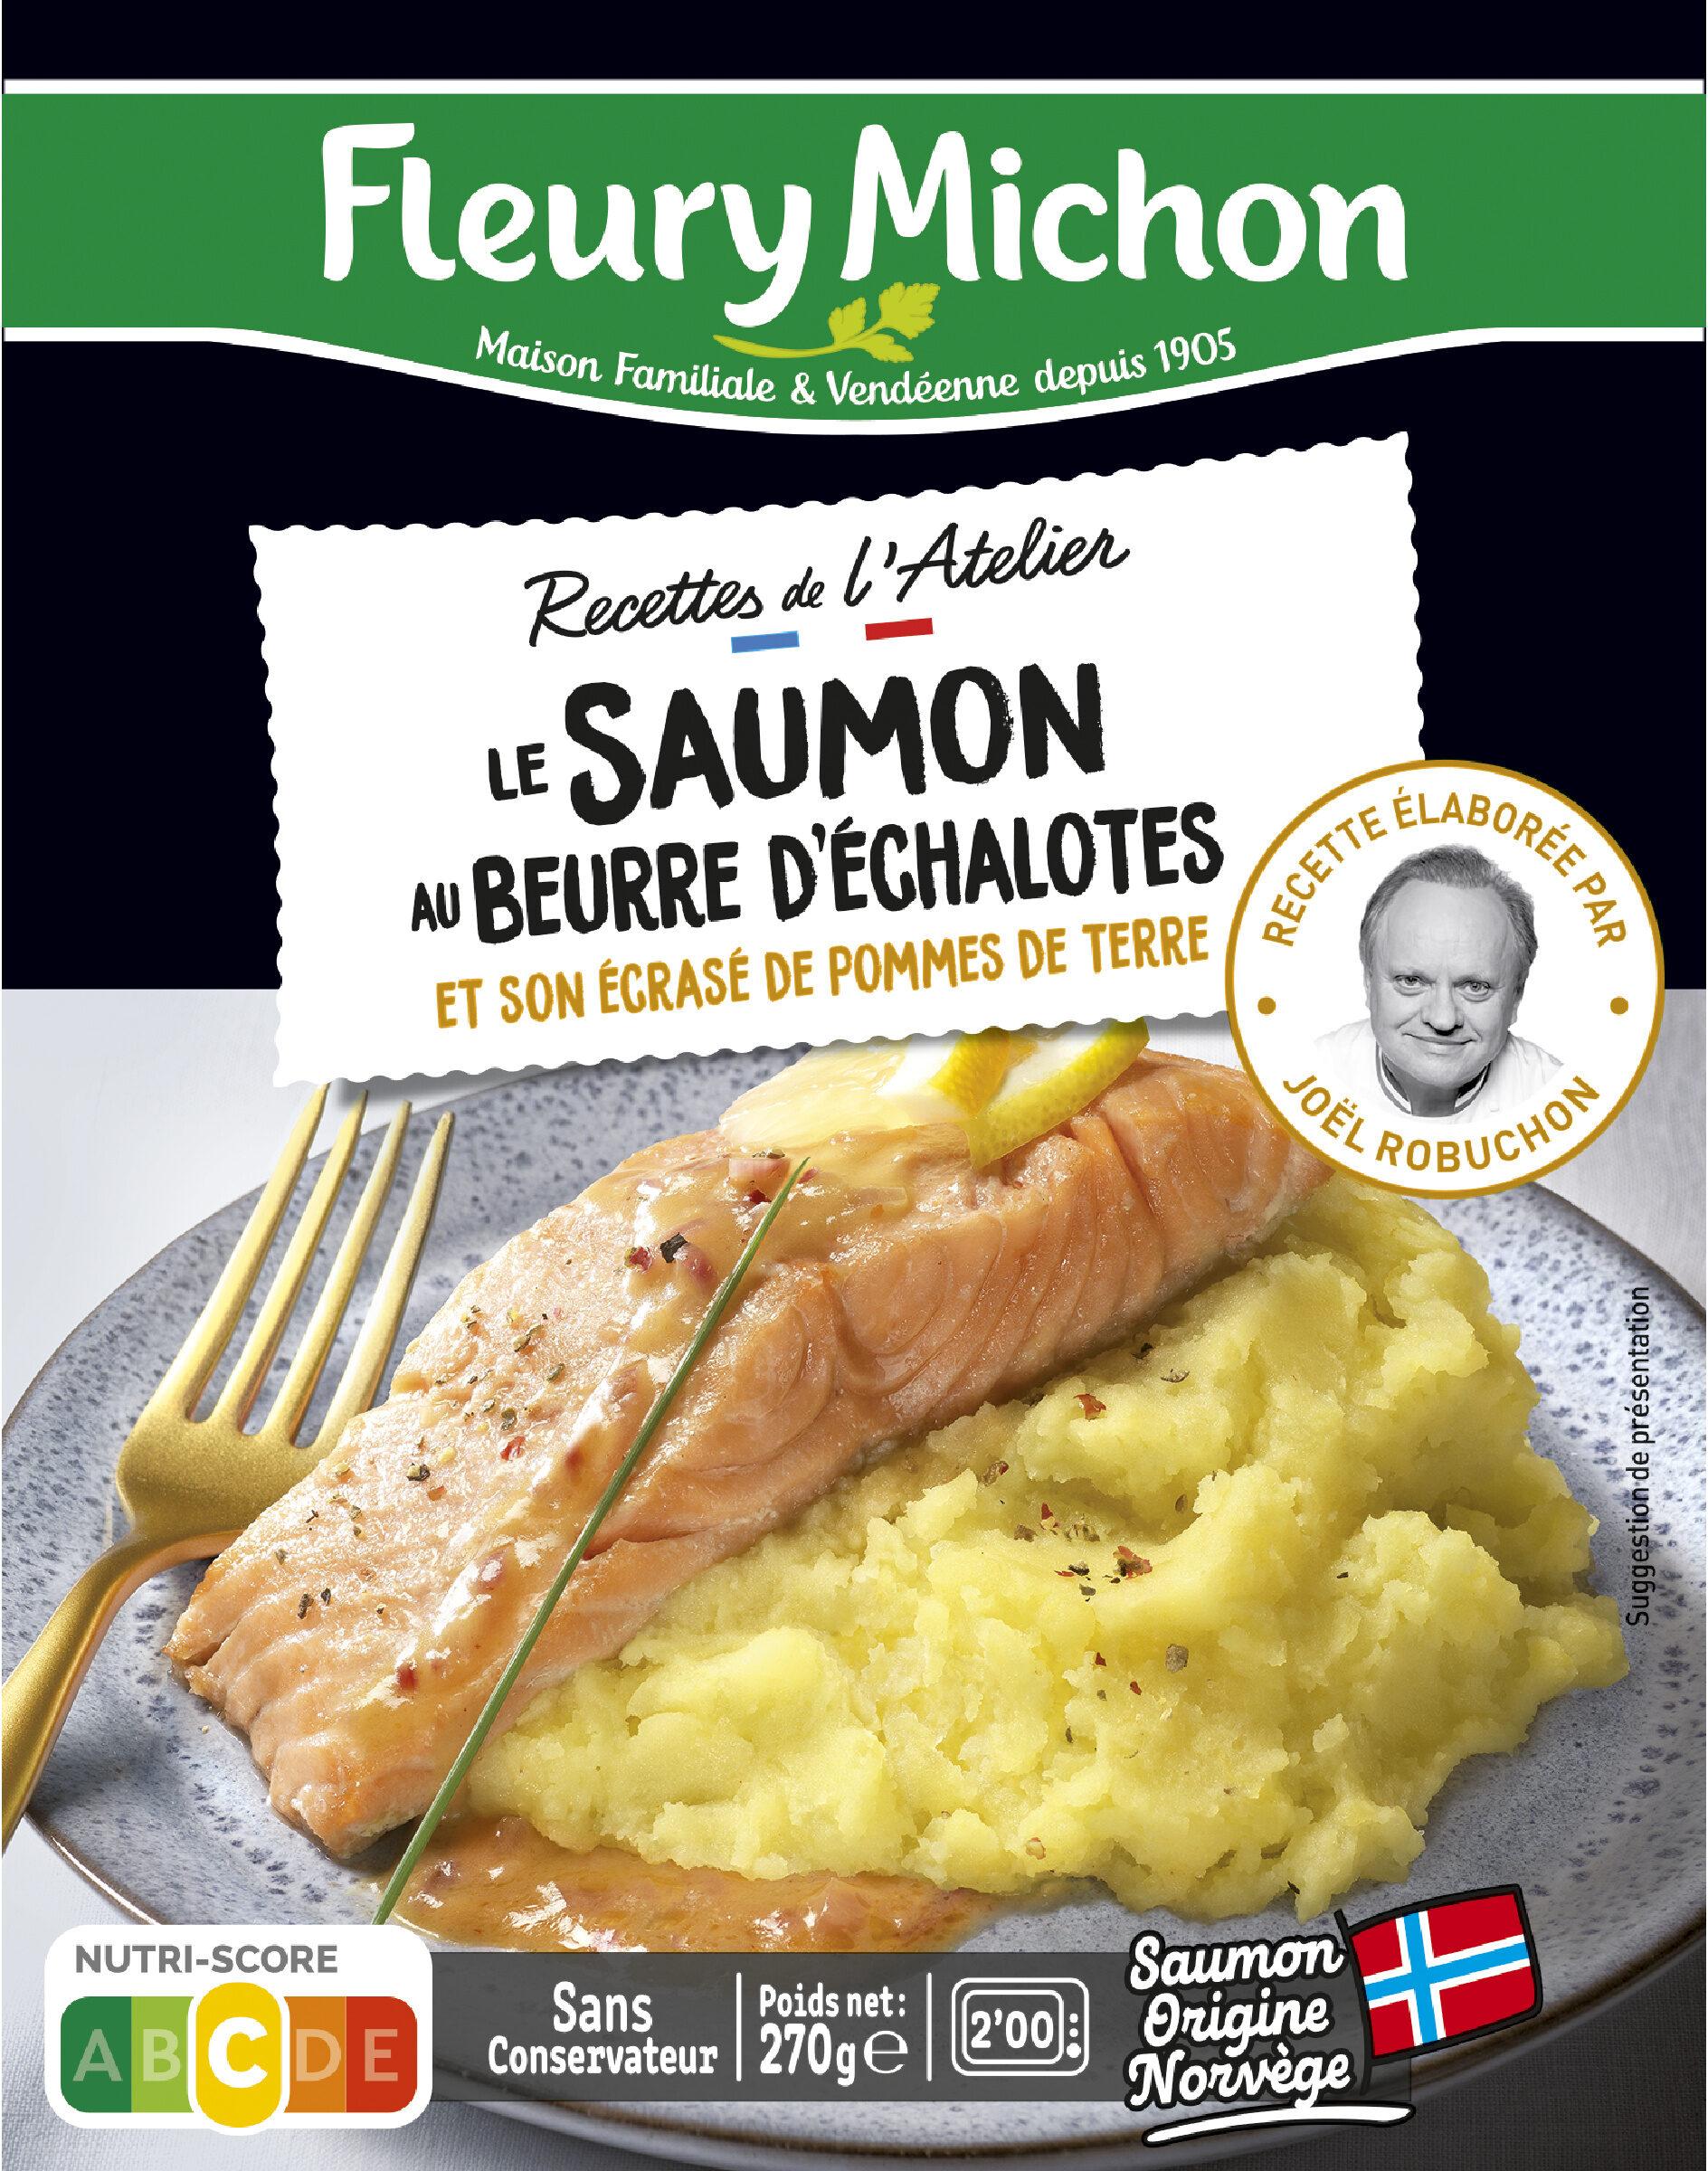 Le saumon au beurre d'échalotes et son écrasé de pommes de terre - Produkt - fr